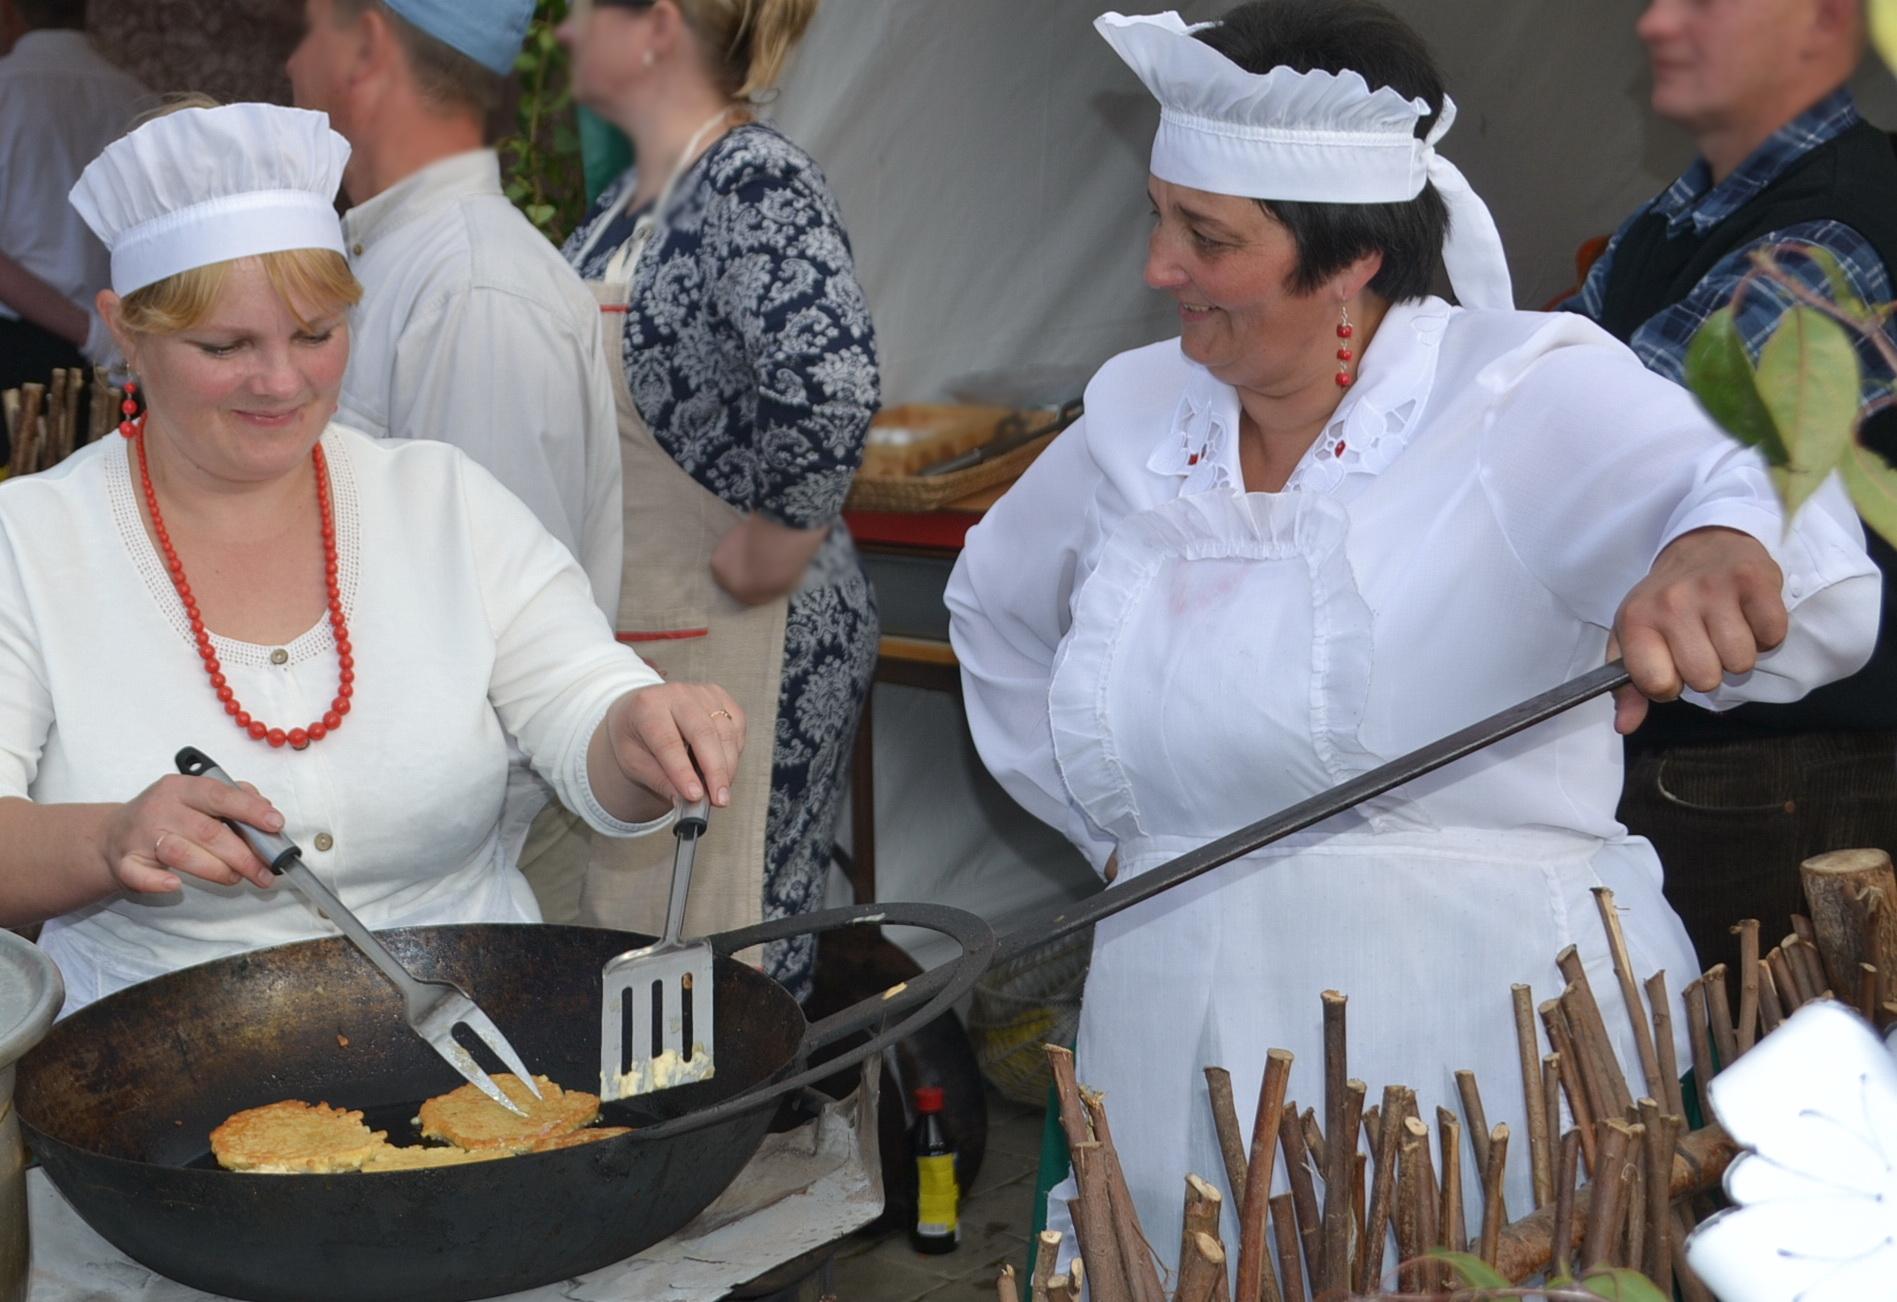 Natkiškietės kepė blynus su obuoliais, o Gaspadinė ir Gaspadorius vos spėjo svečiams girą pilstyti.